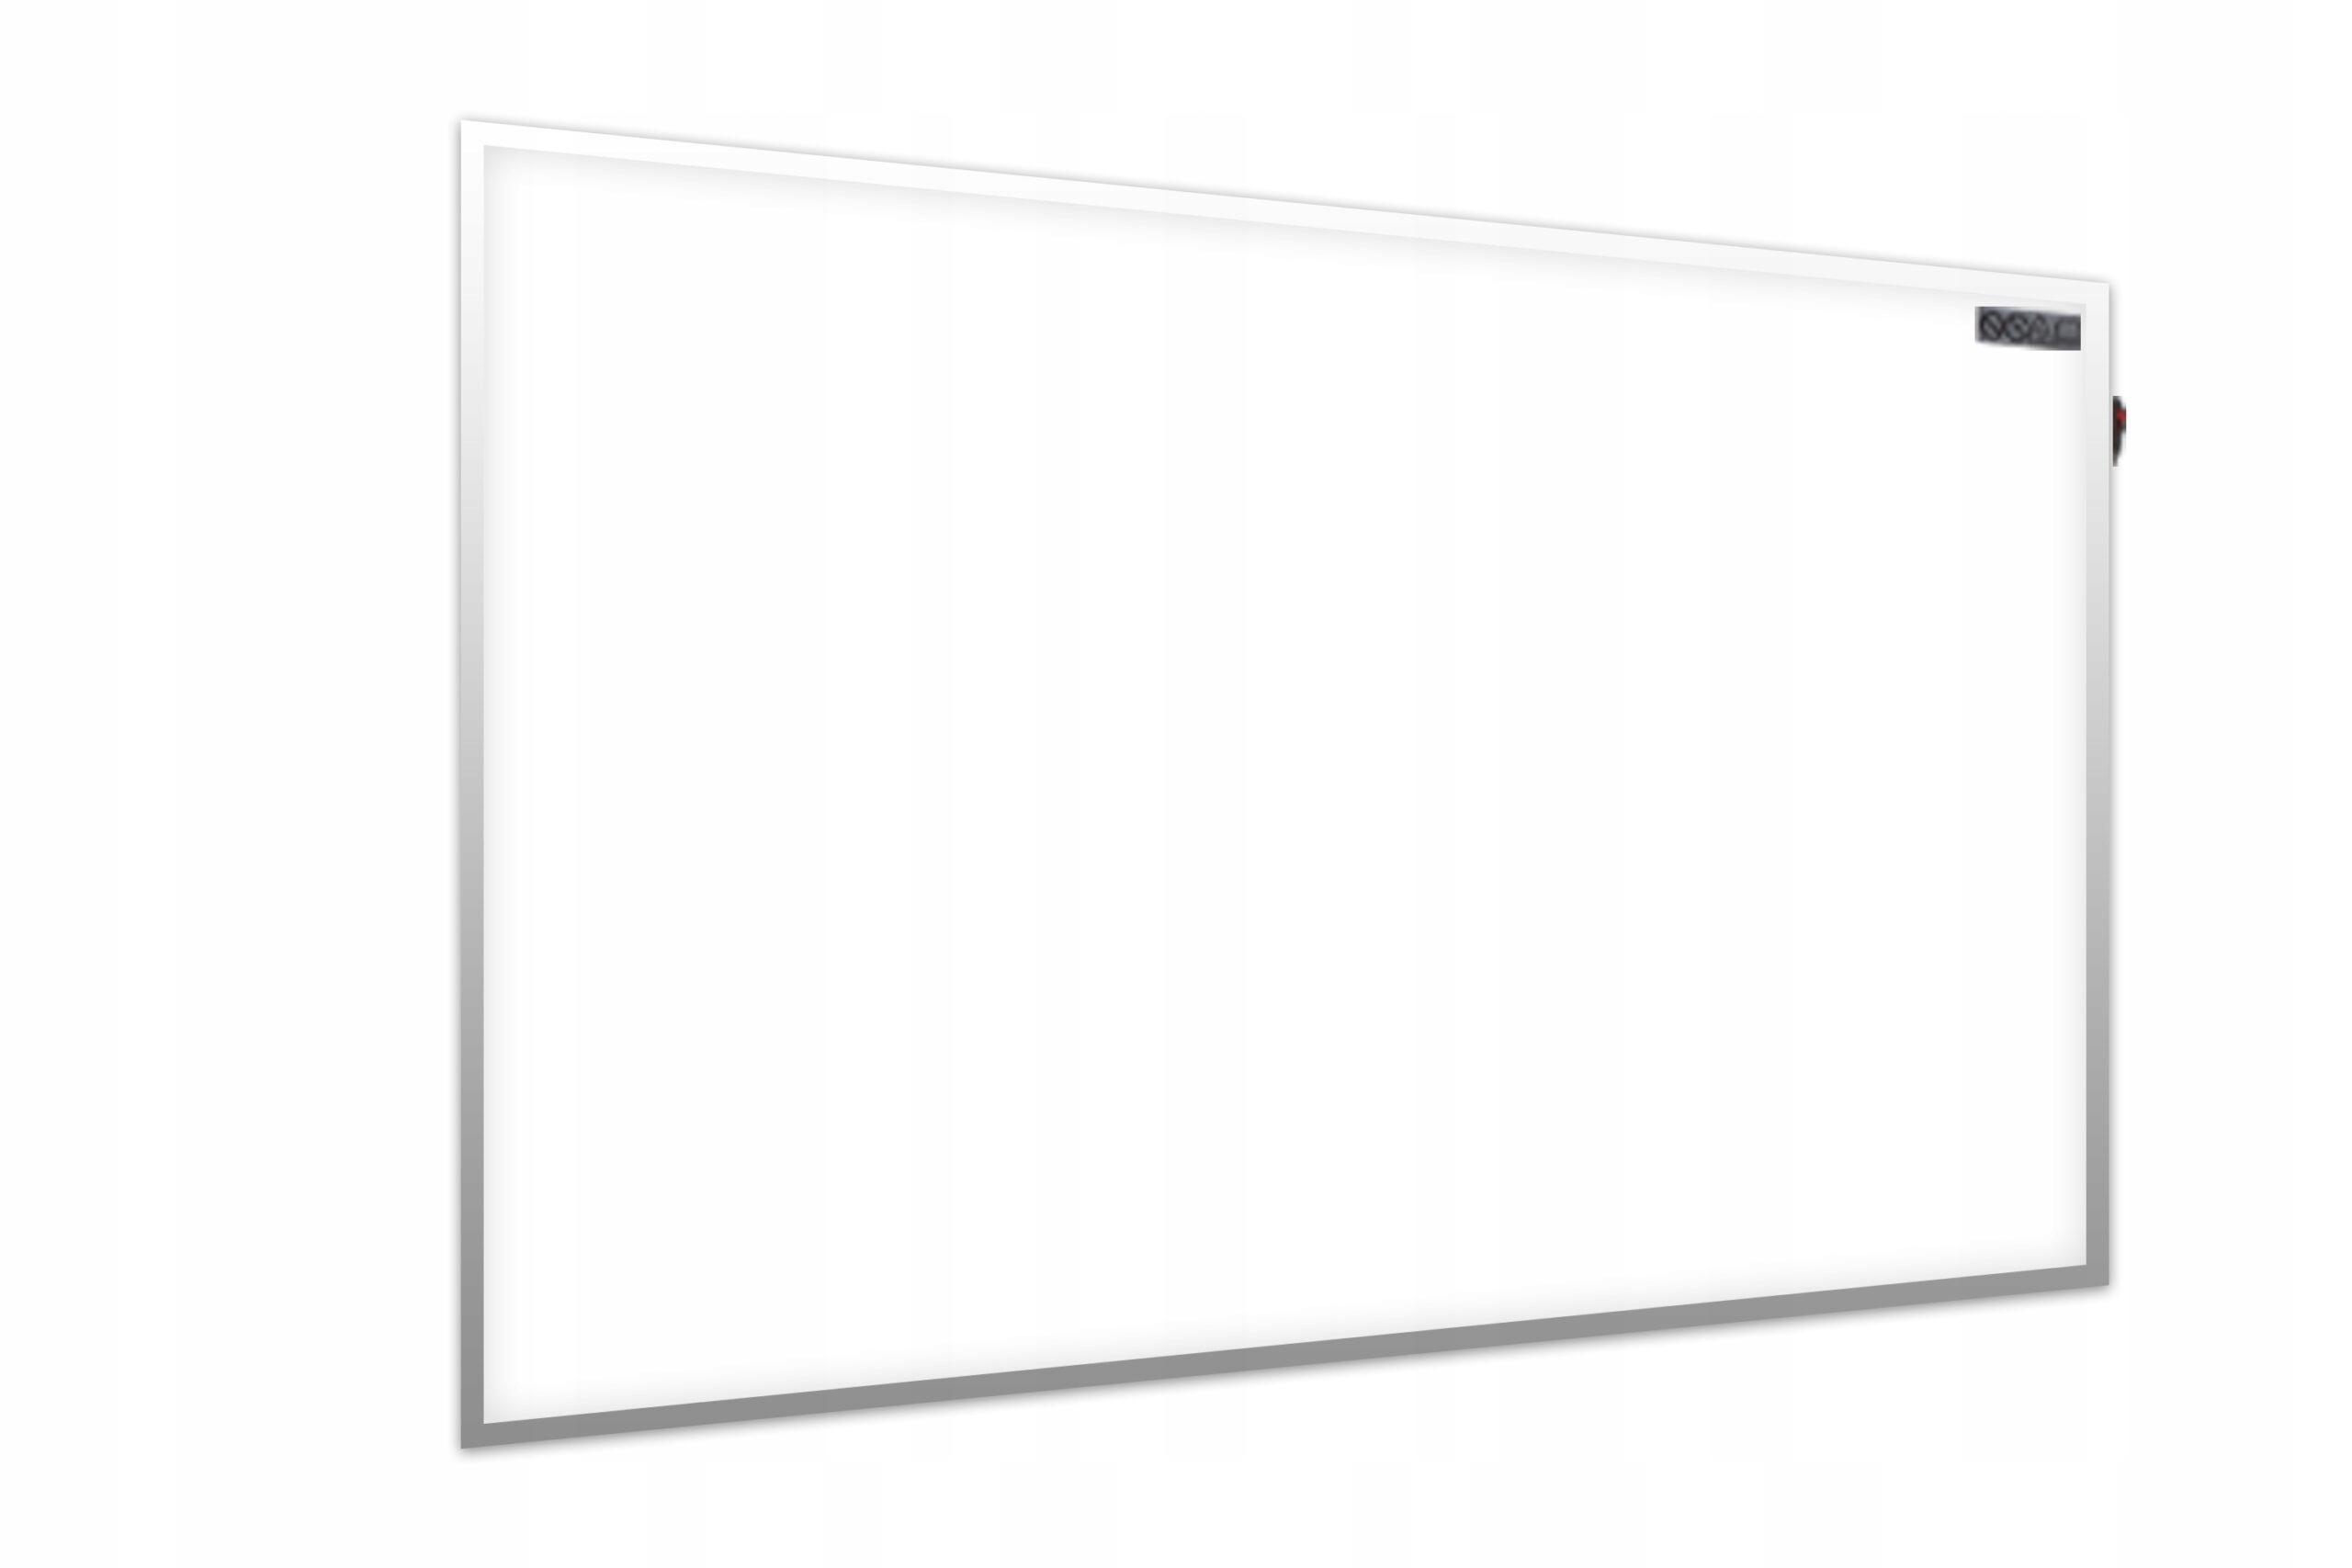 Инфракрасная нагревательная панель 580W SILVER FRAME